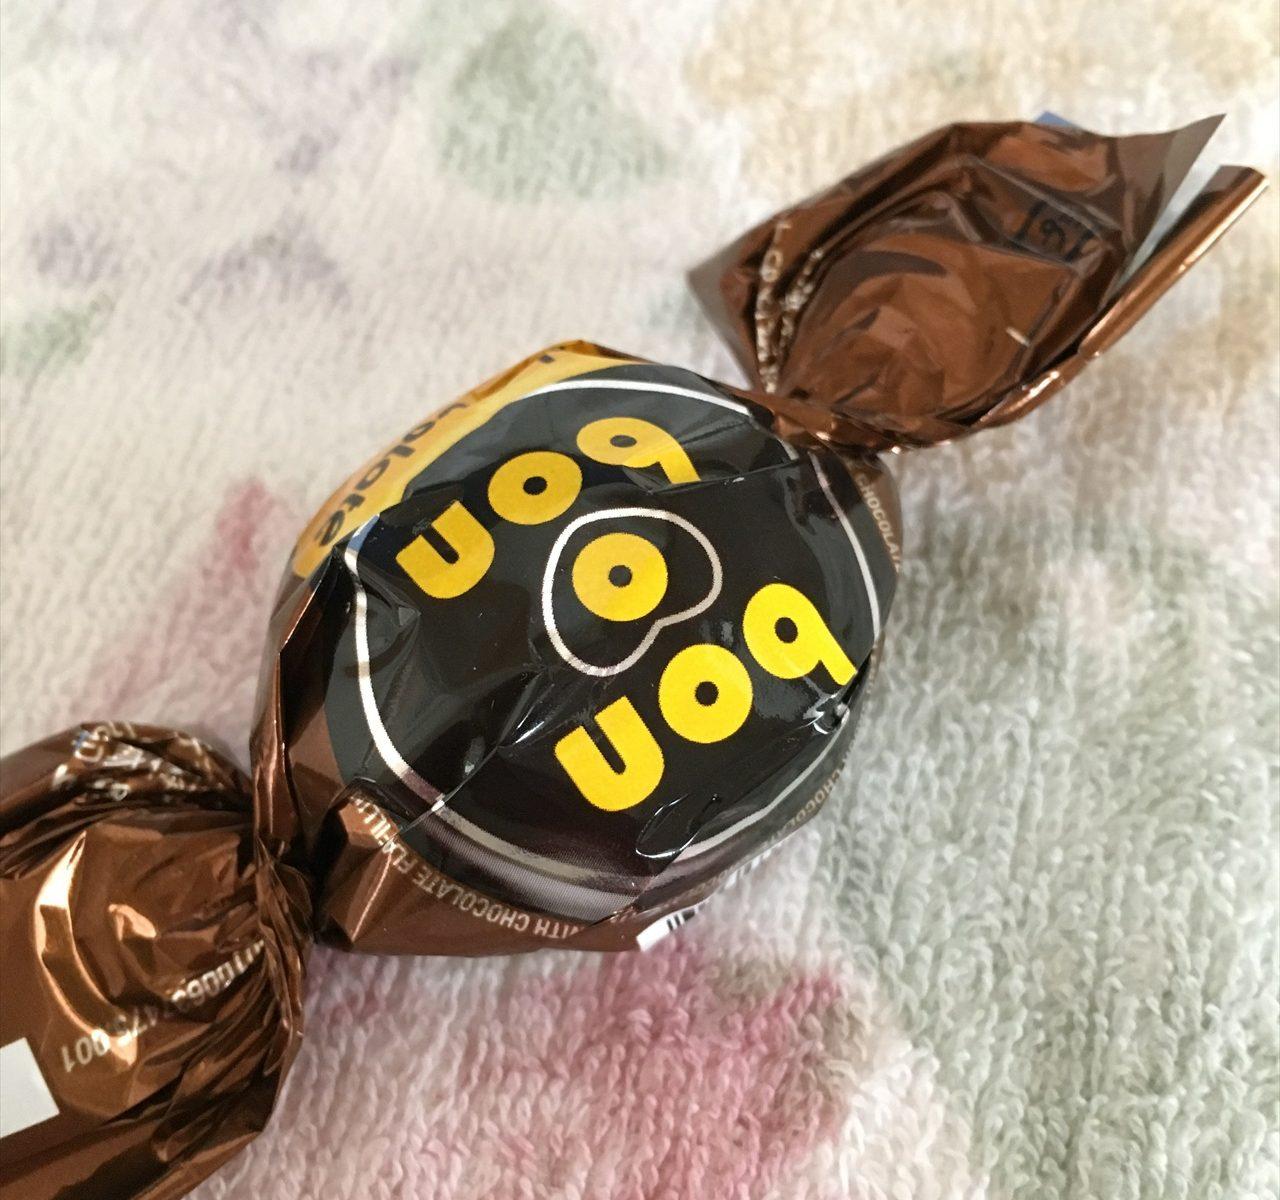 ボノボンチョコレートです。はじめて食べました。